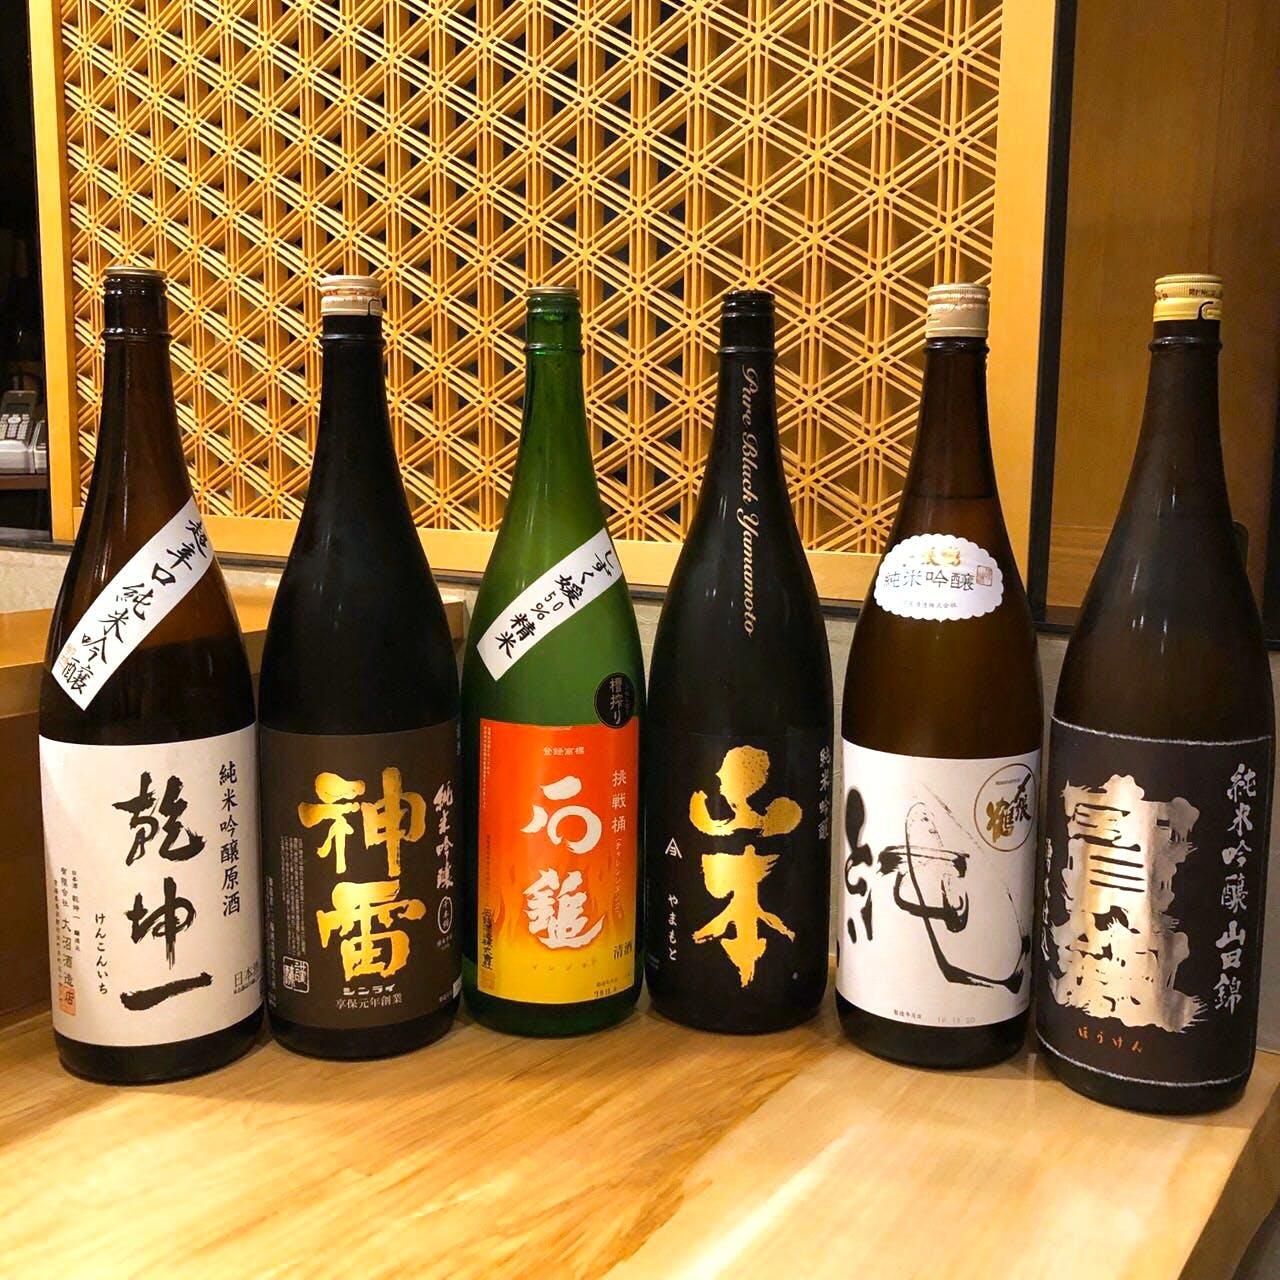 日本料理とお酒のマリアージュ